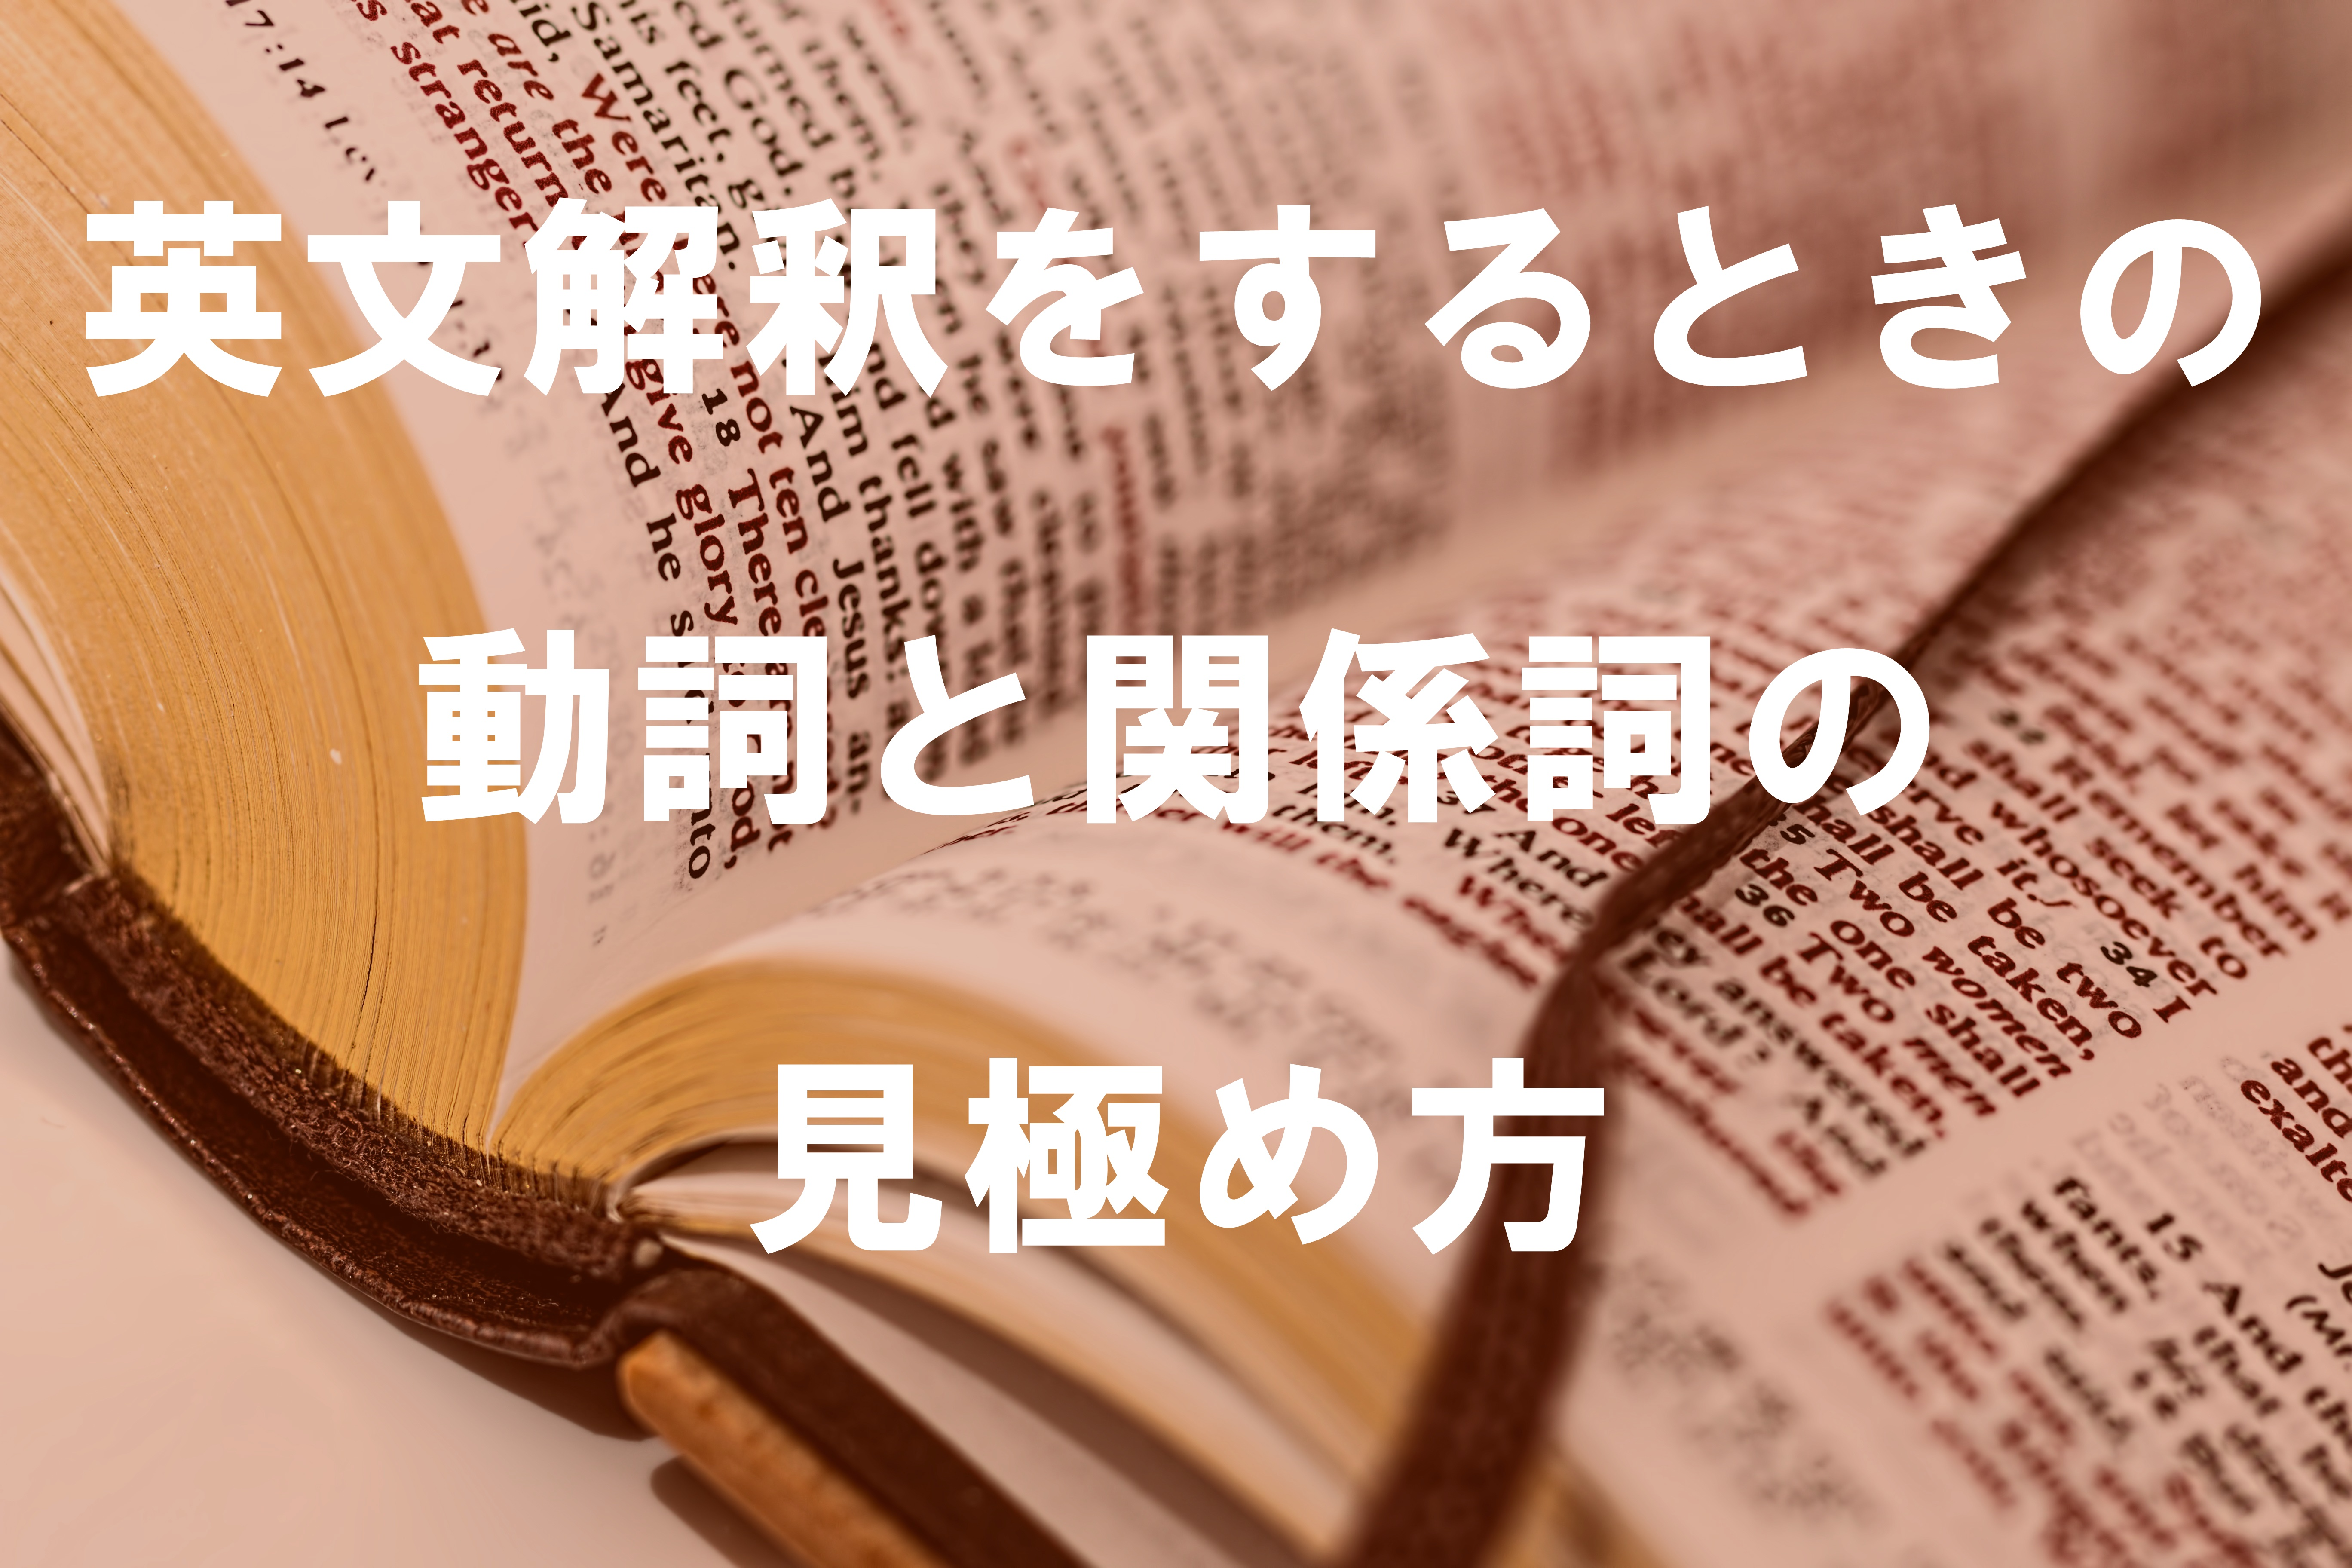 英文解釈をするときの動詞と関係詞の見極め方